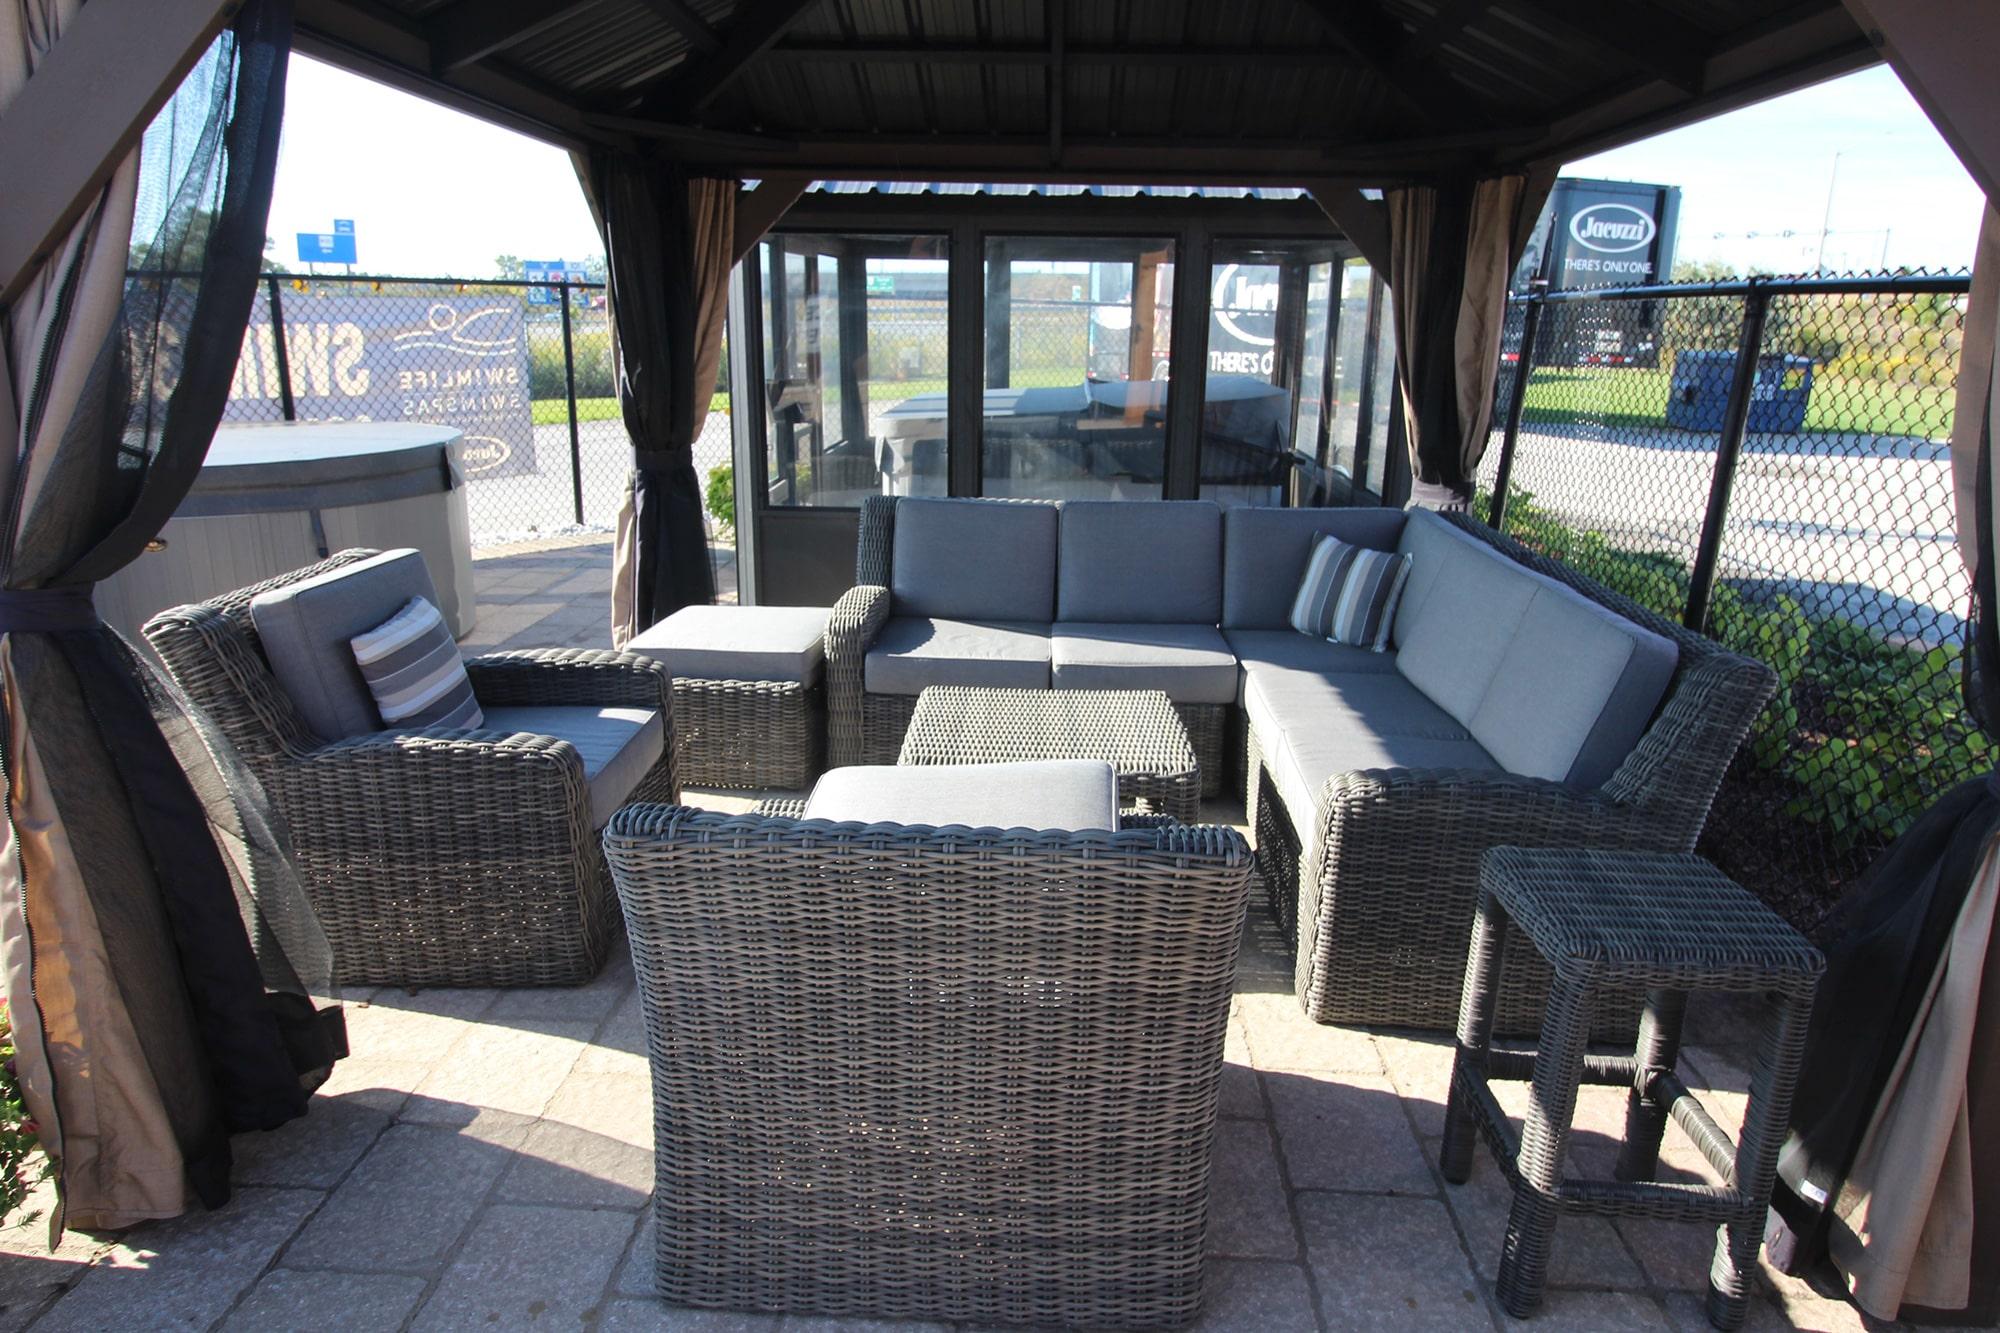 Jacuzzi Burlington Outdoor Furniture